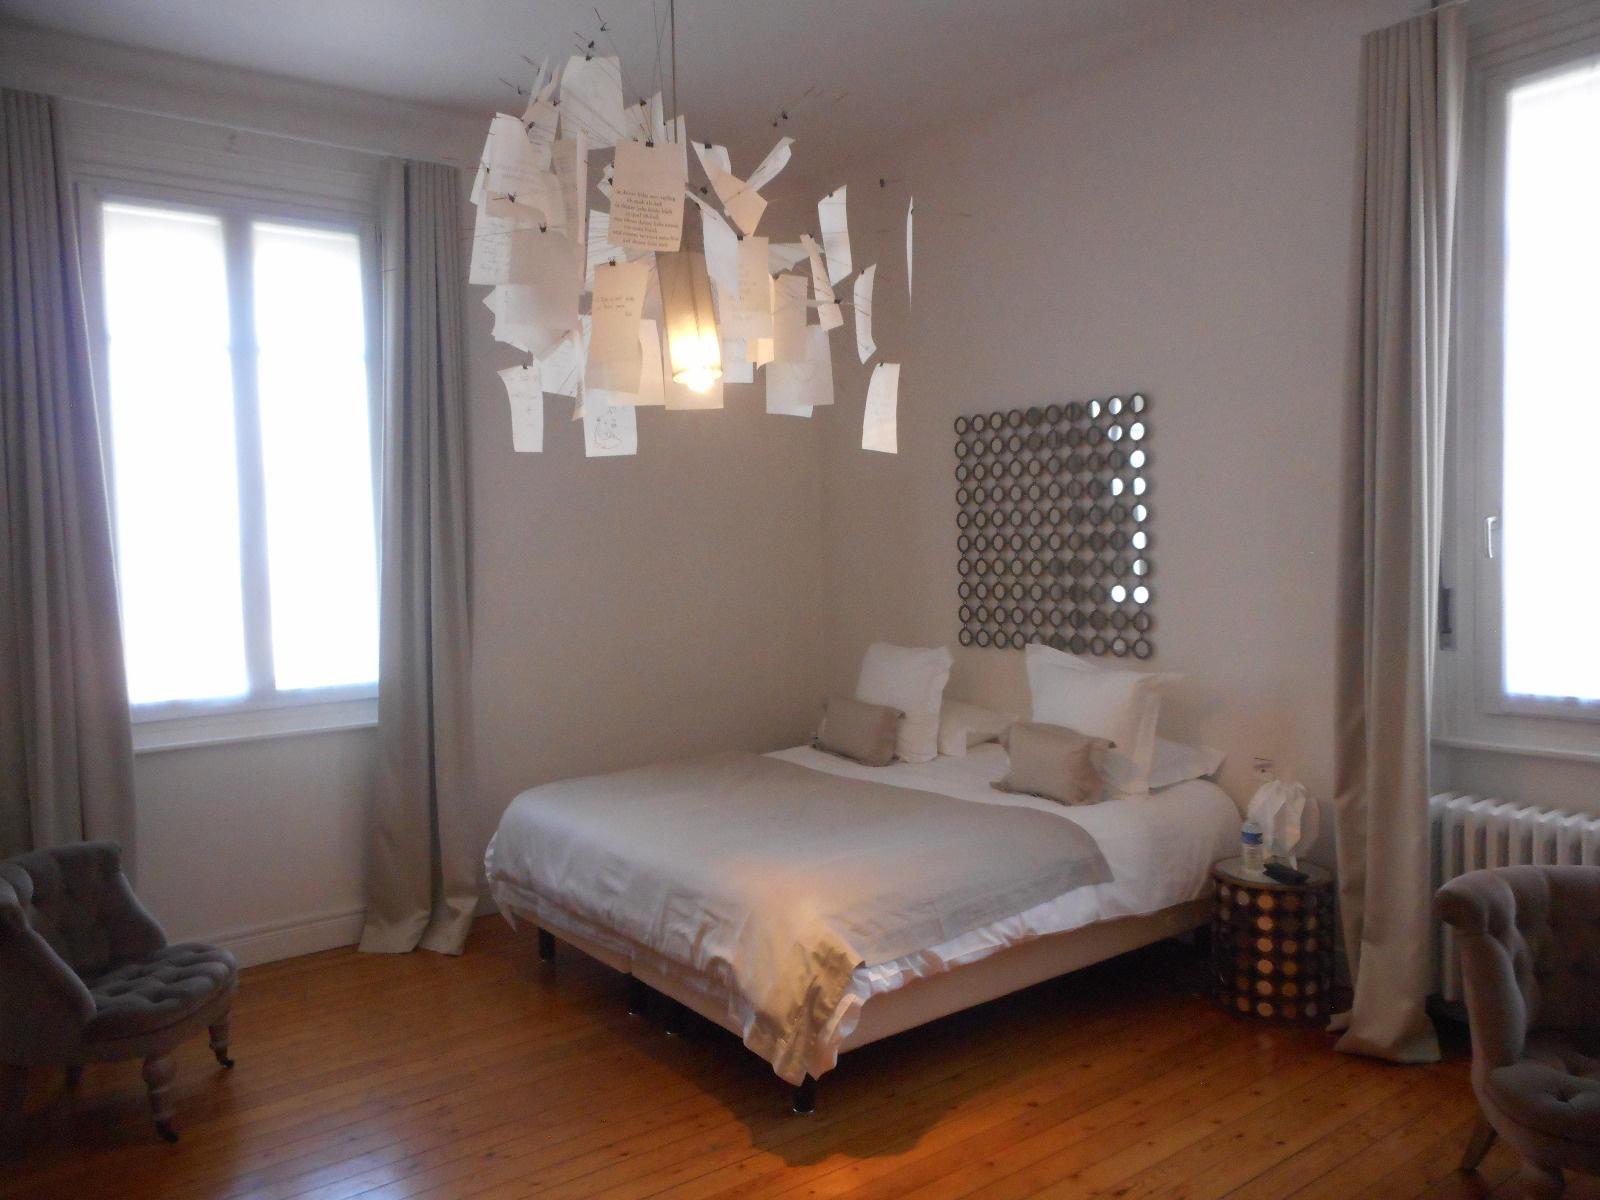 Hotel particulier Lille entièrement restauré  chambre  Annie Caillier 0683162981